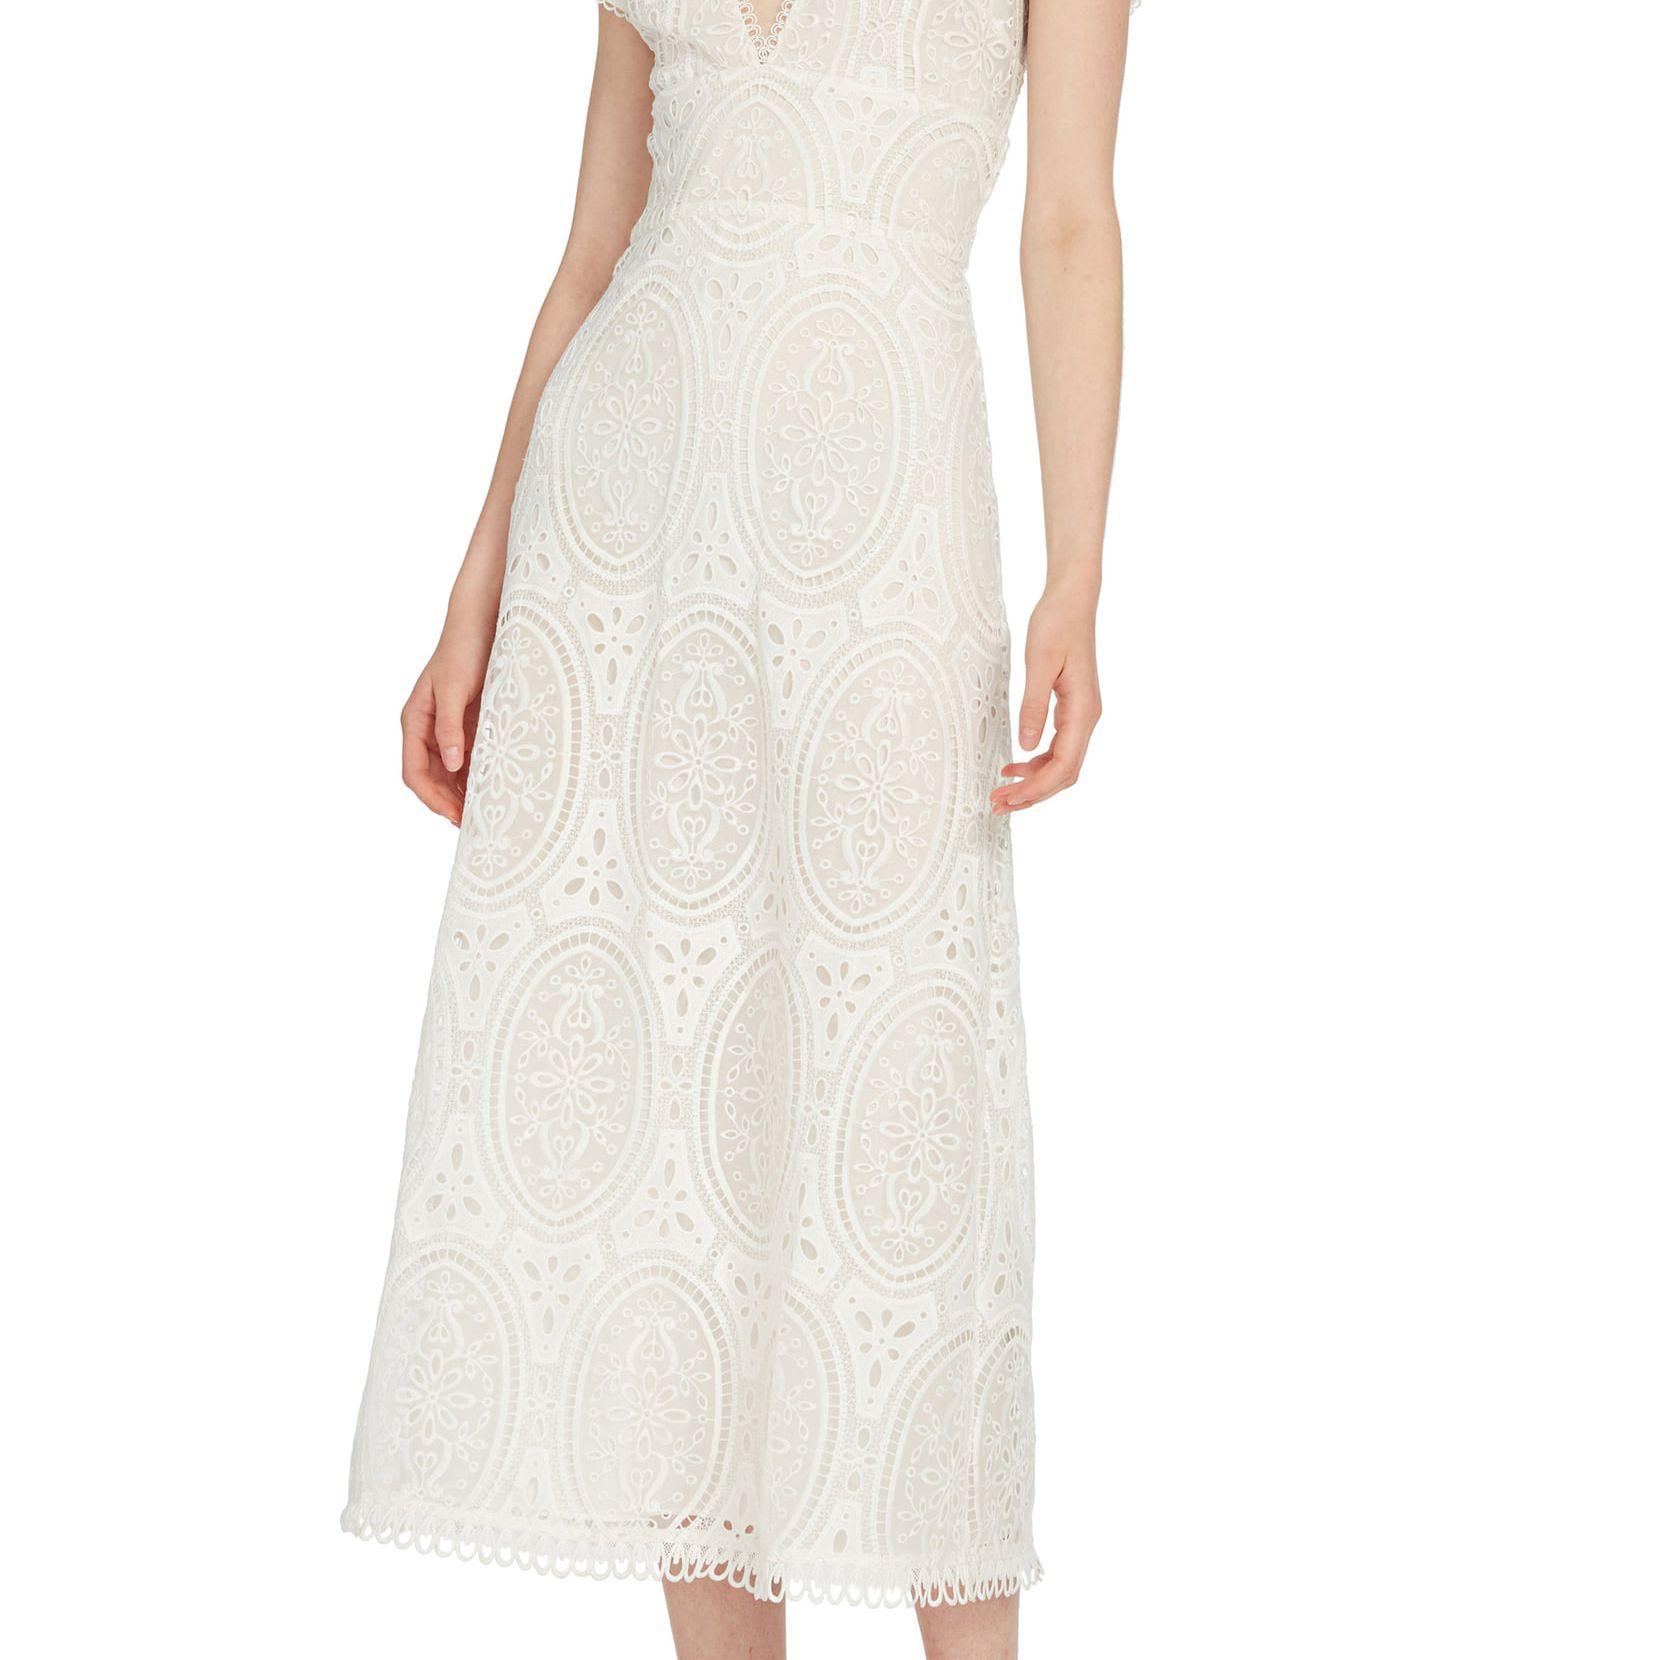 ML Monique Lhuillier Lace Midi Dress $495